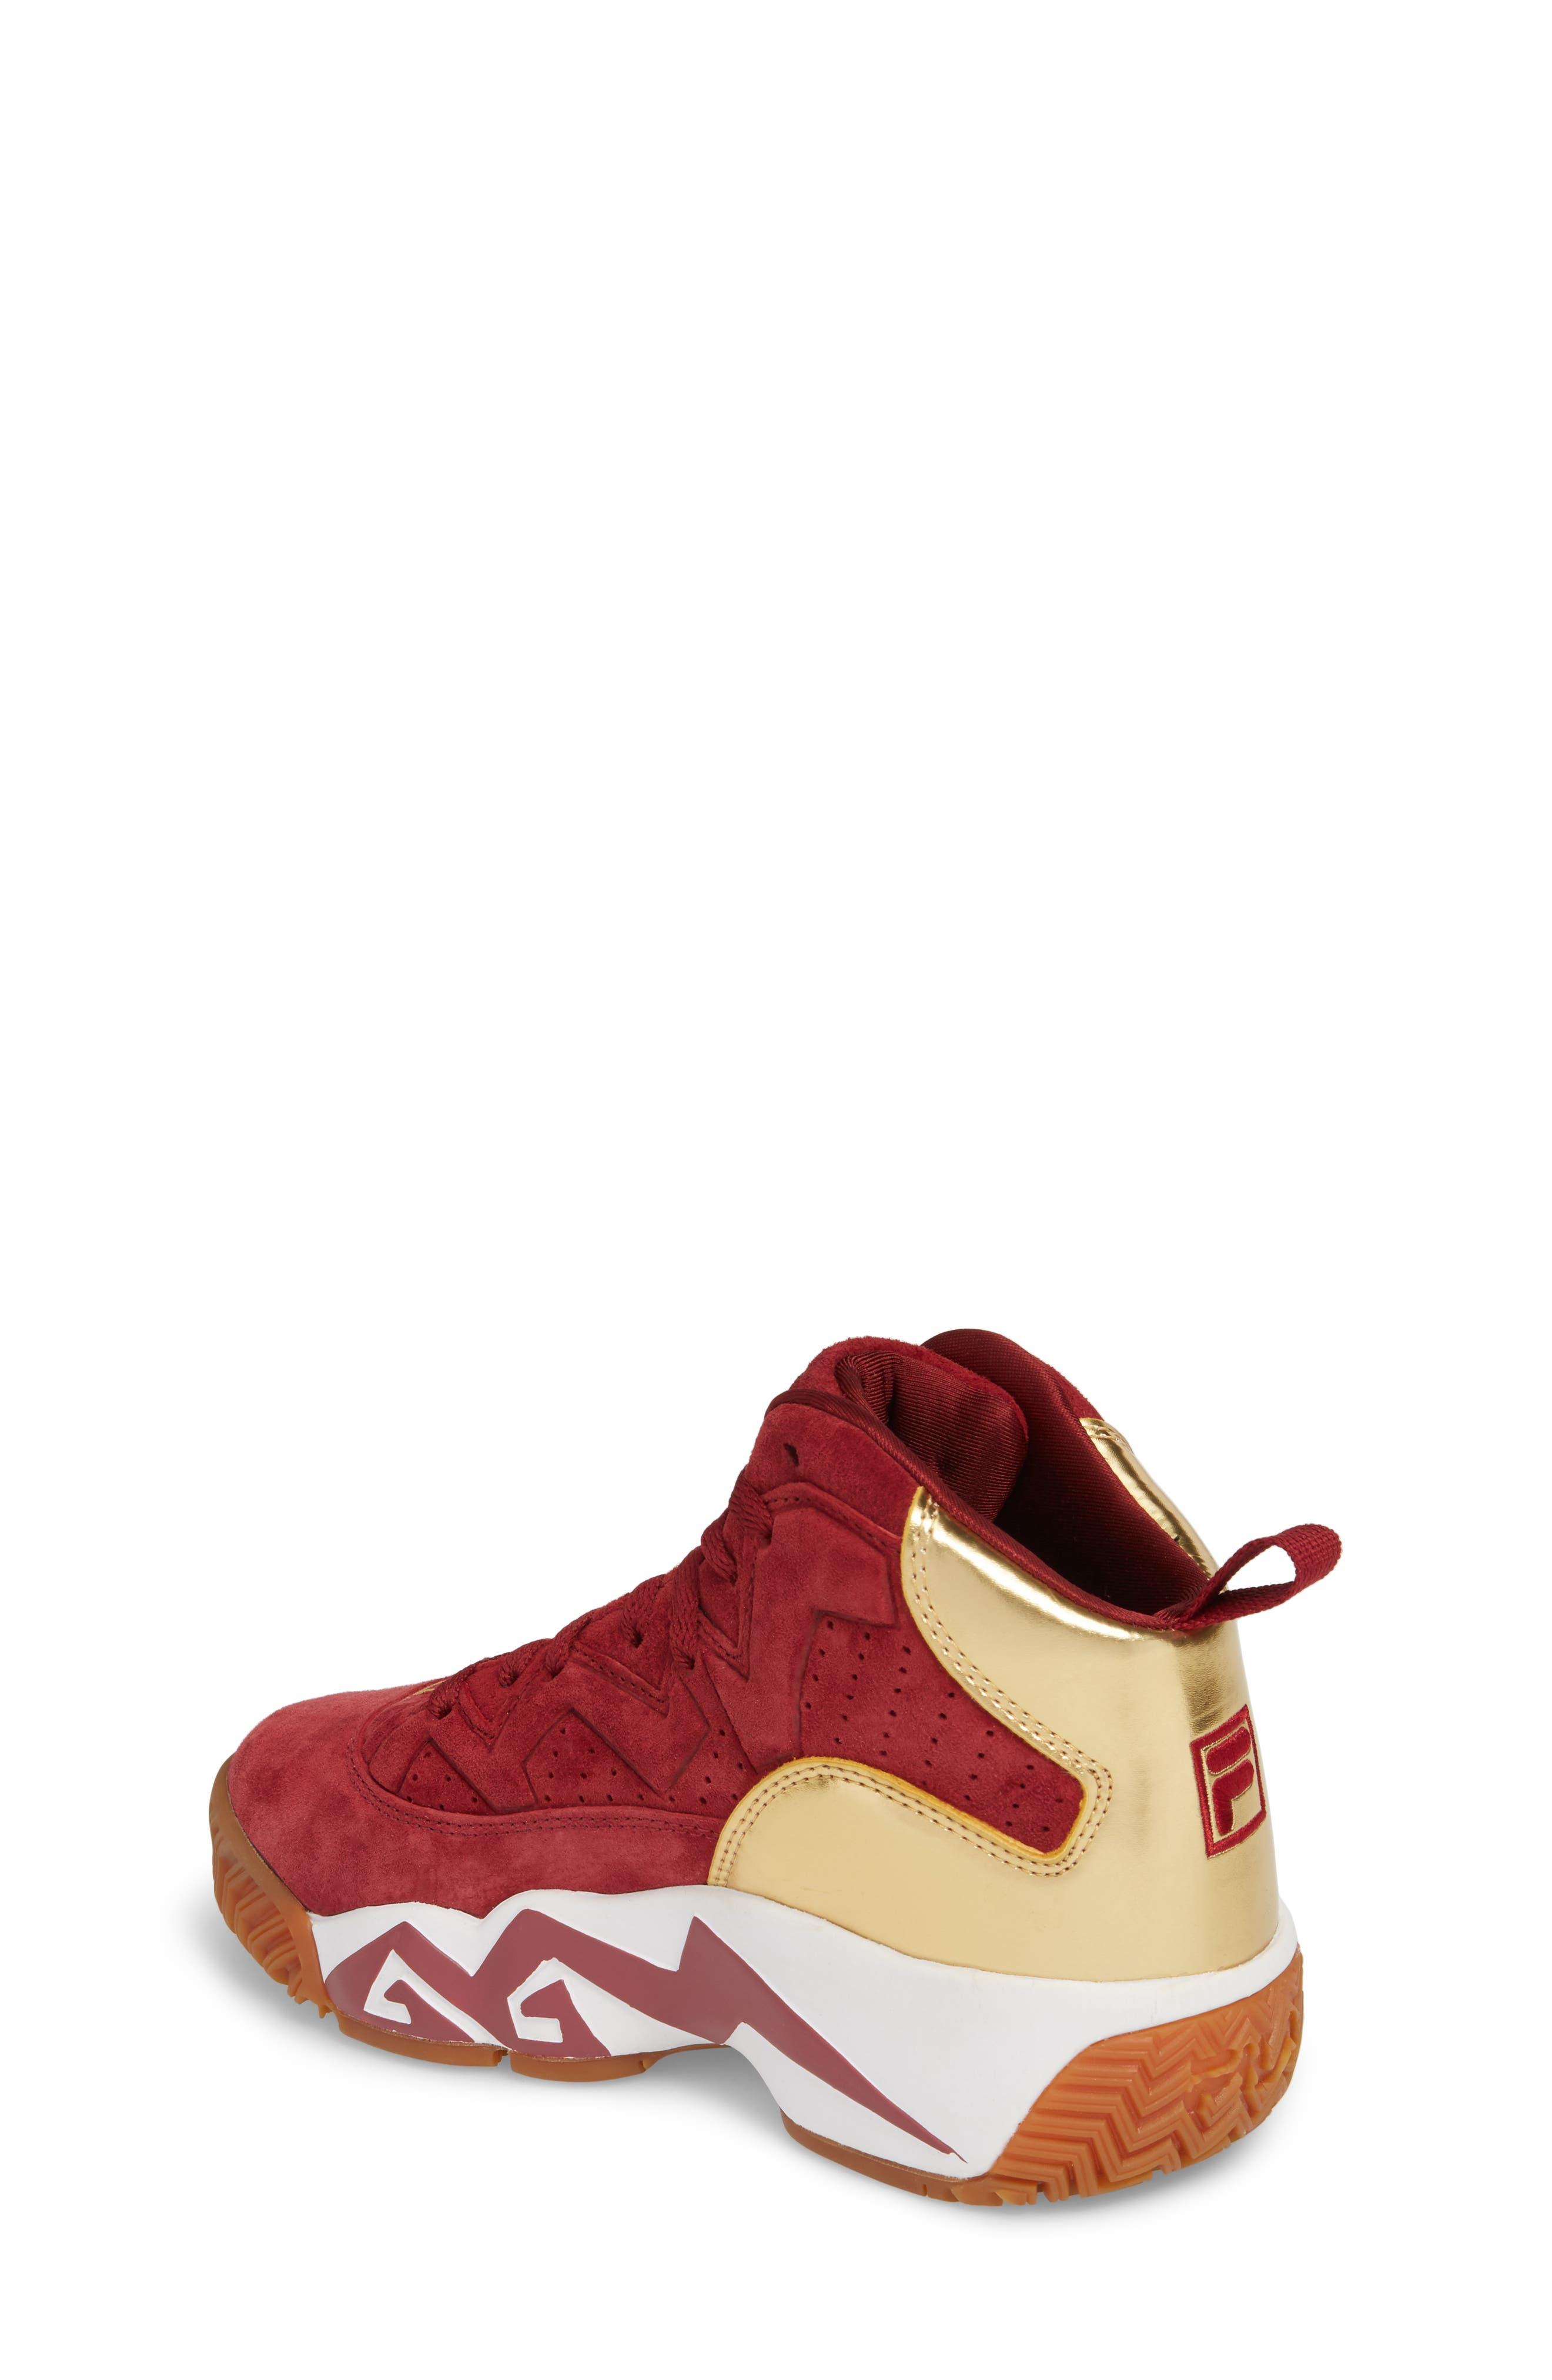 b23cfd31107c FILA for Kids Sneakers